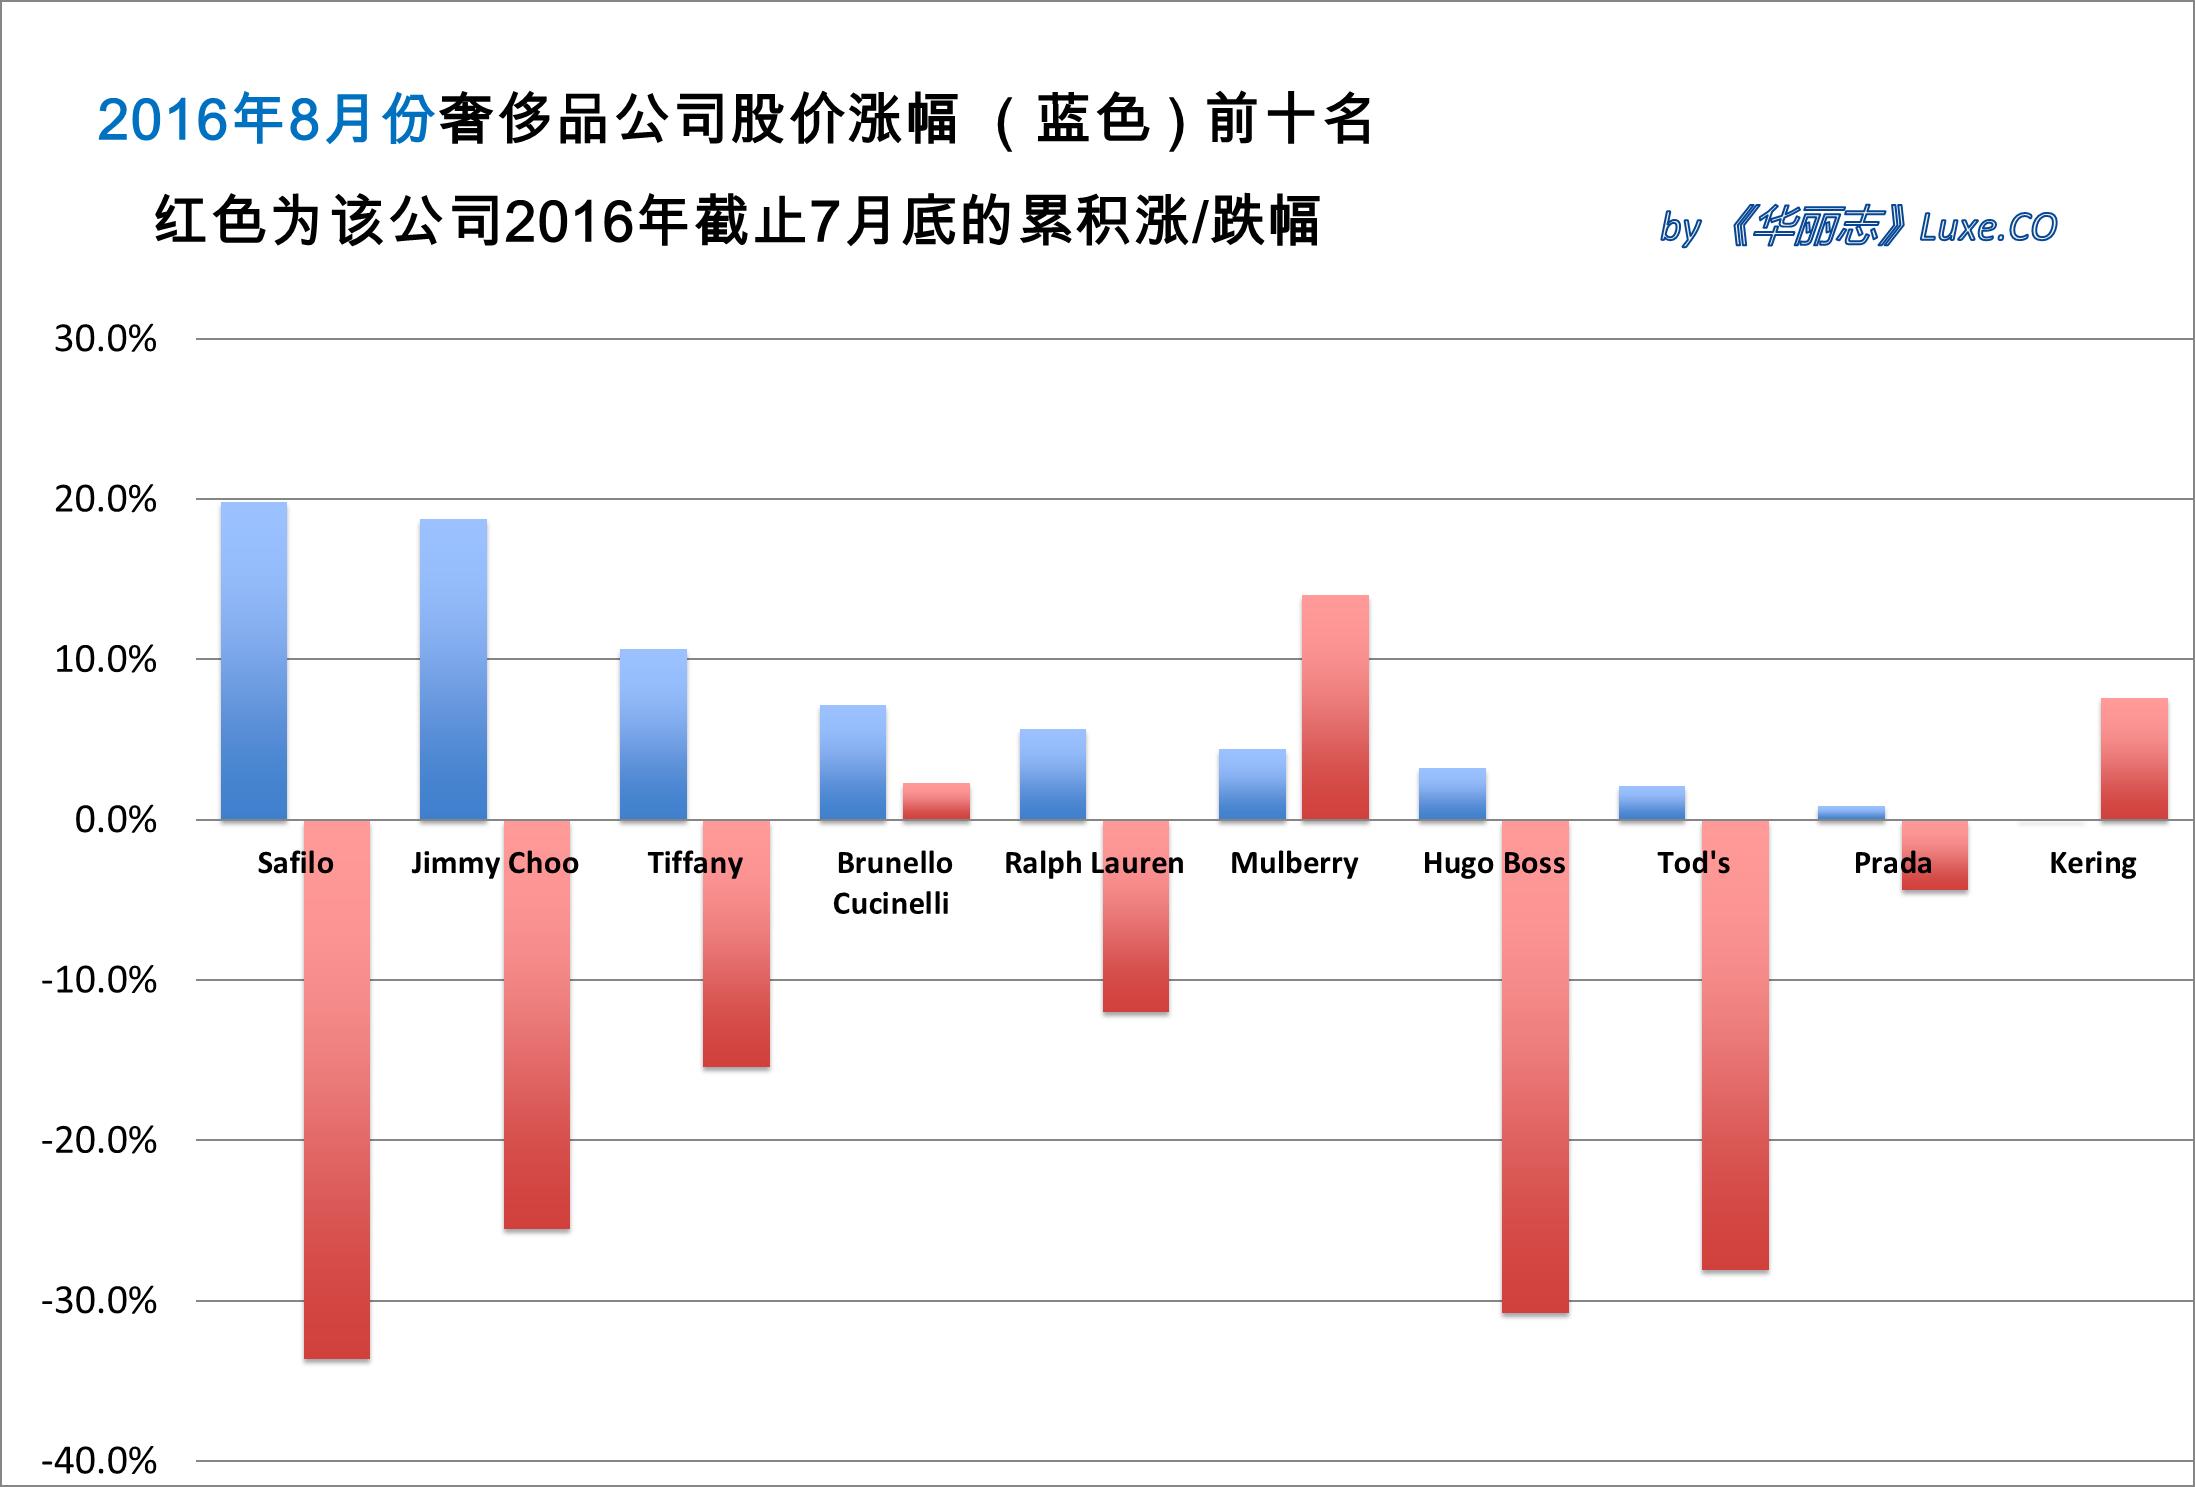 《华丽志》奢侈品股票月度排行榜(2016年8月)